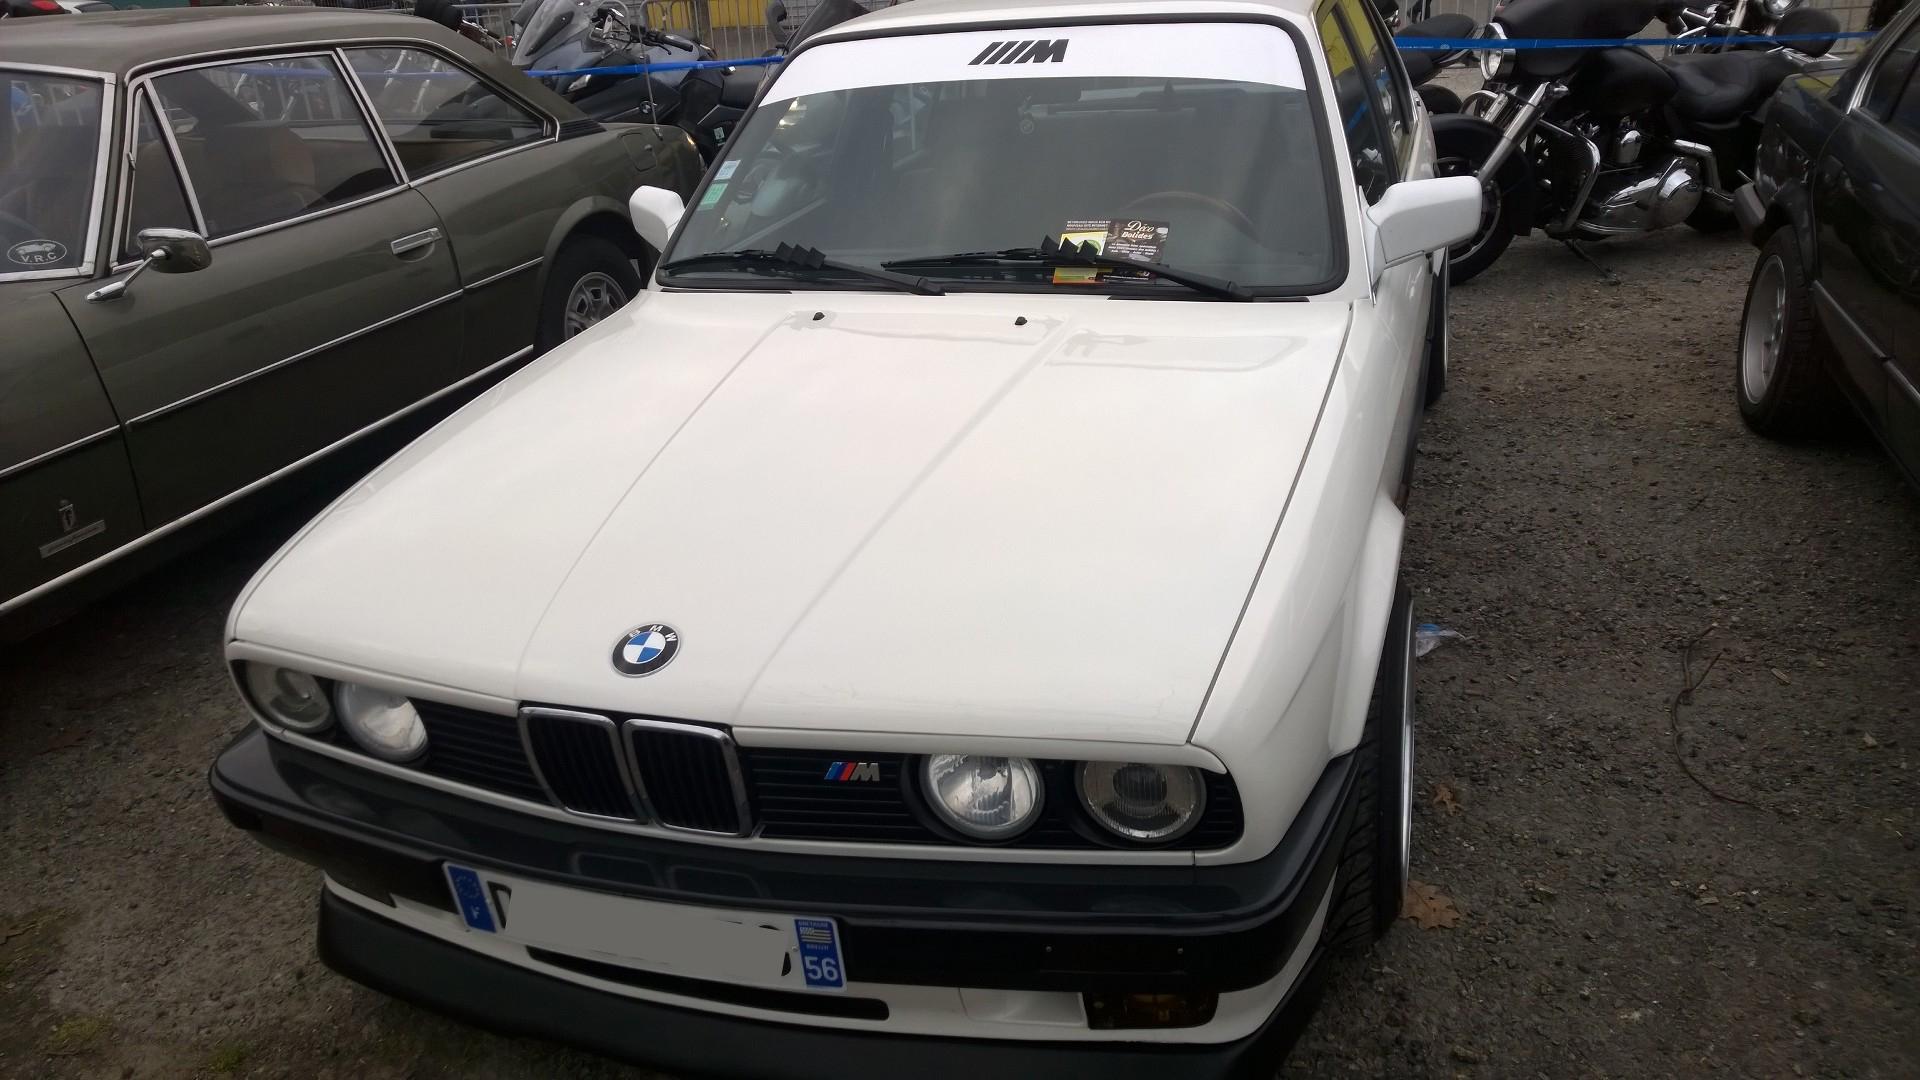 DM - photo - BMW M3 - arriere / rear - Ouest Motors Festival 2015 Lorient